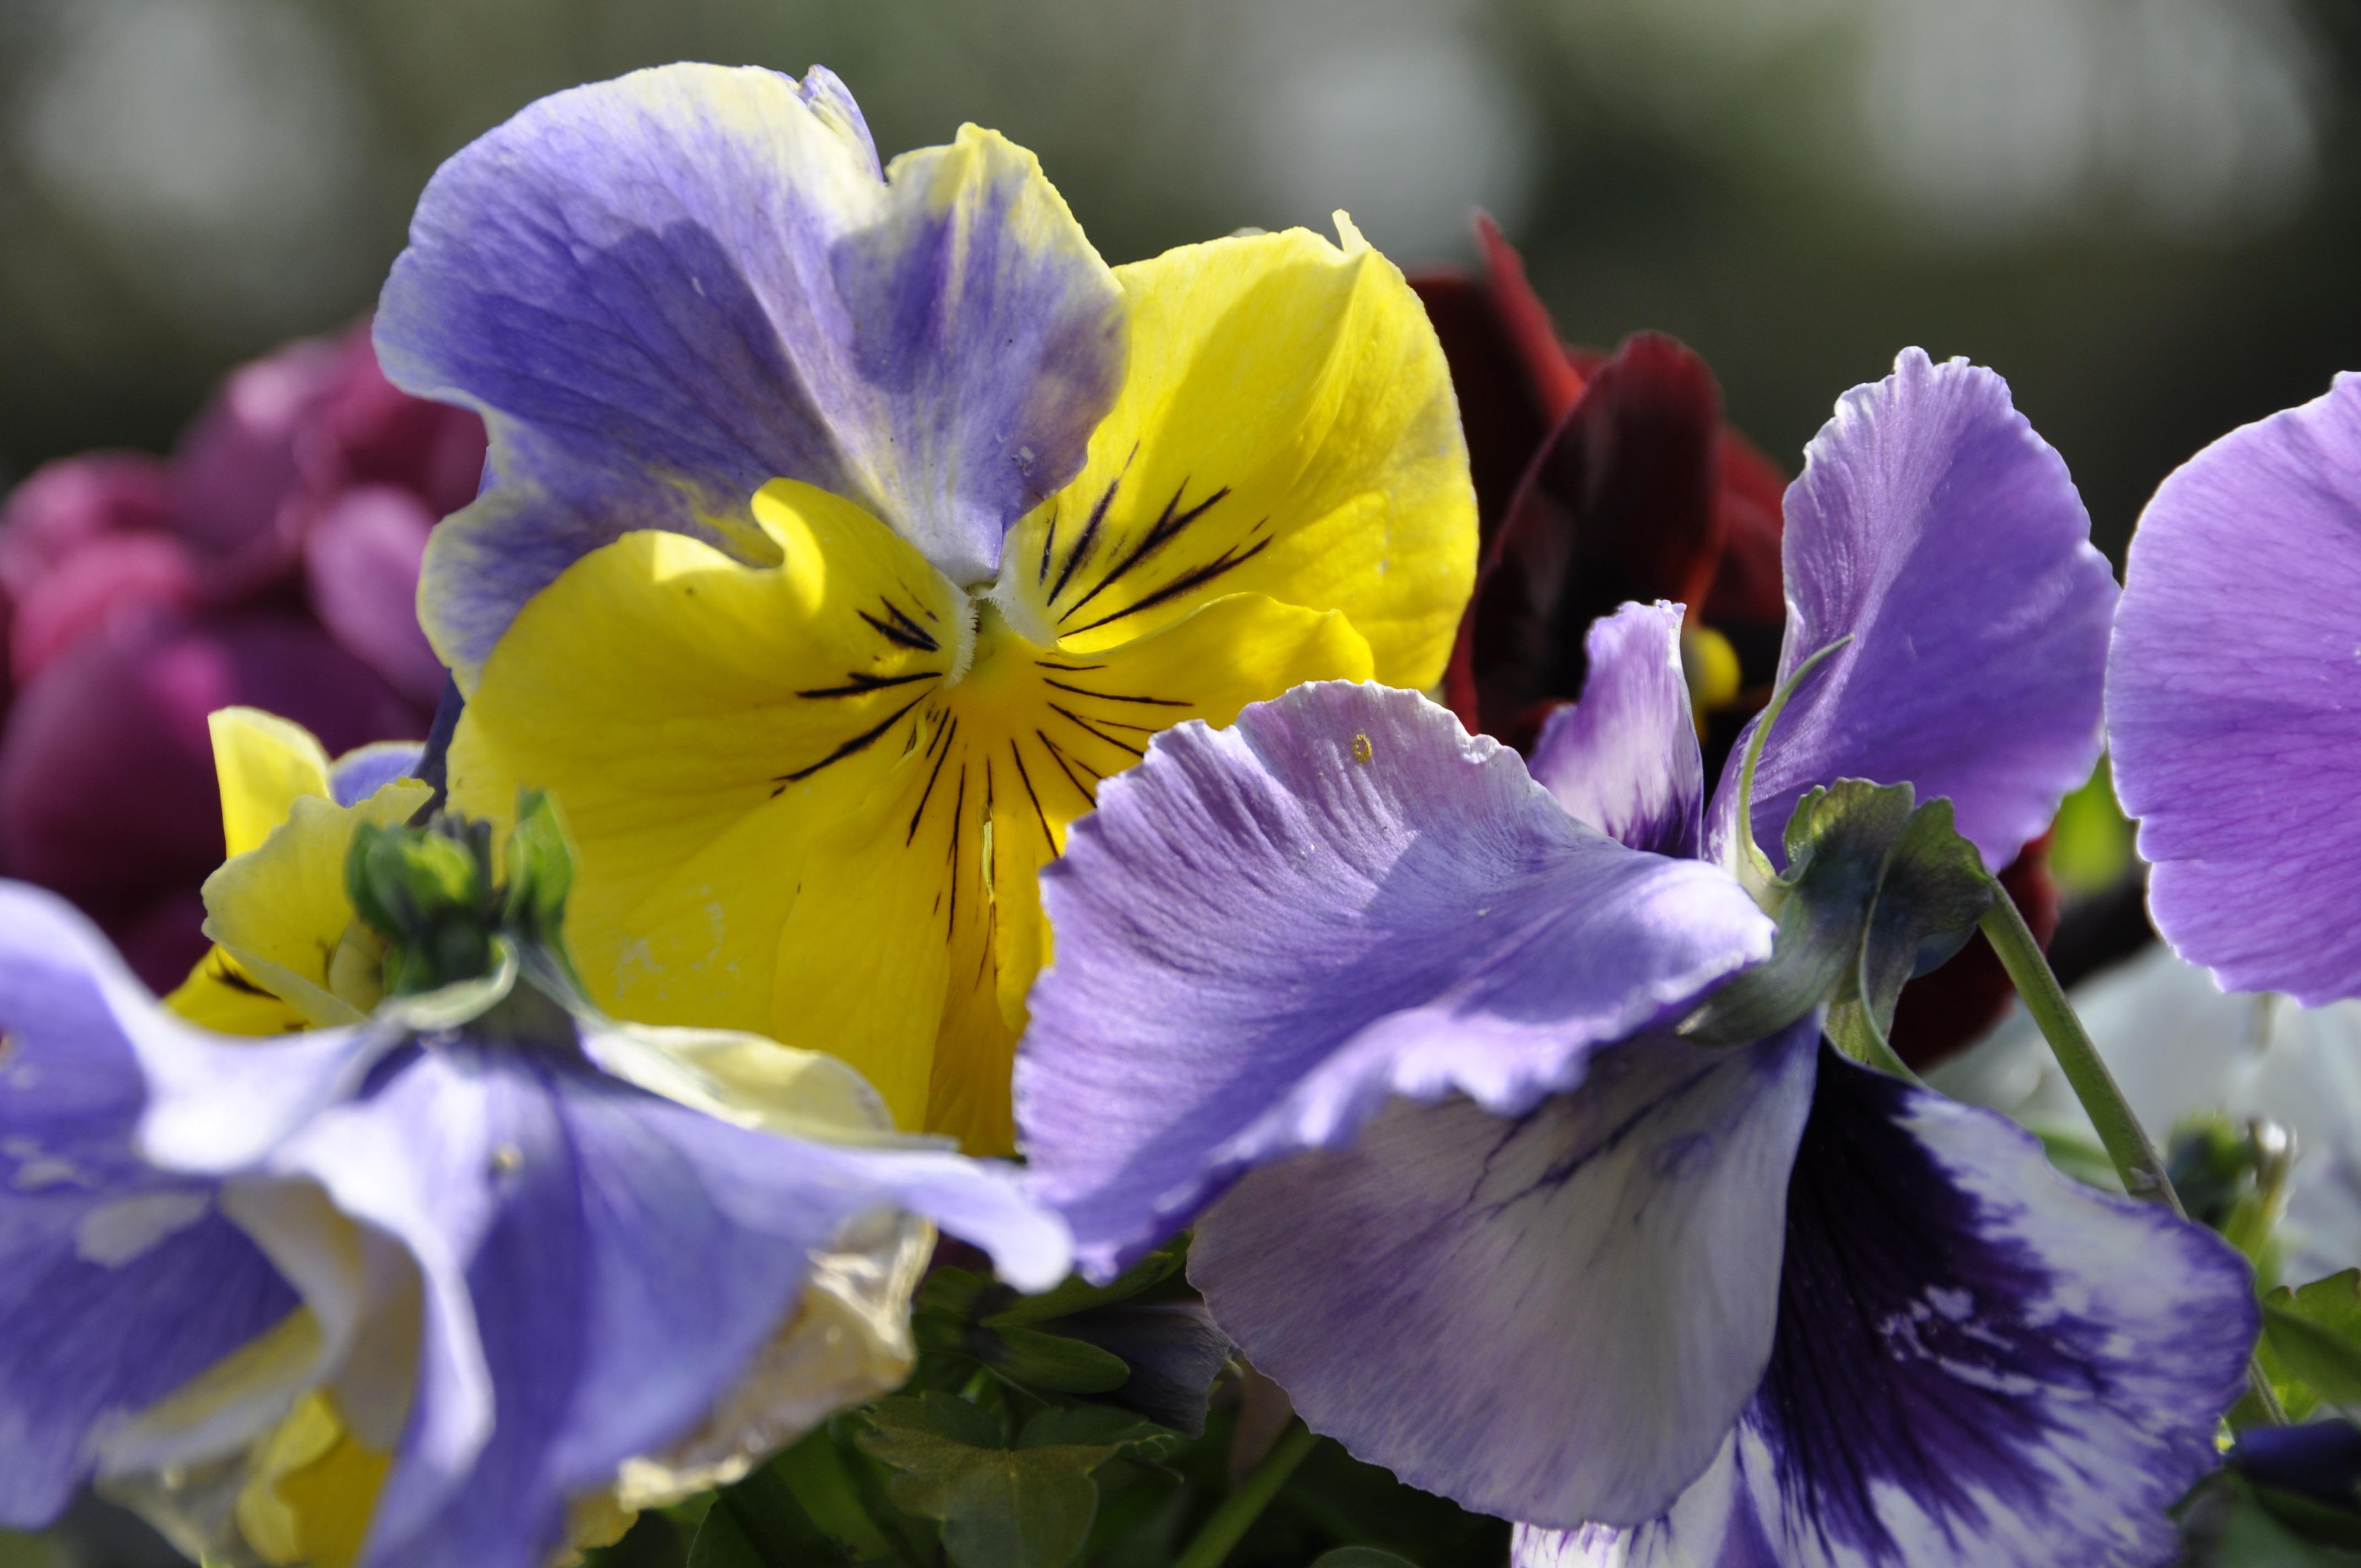 Images gratuites fleur violet p tale printemps botanique jaune flore fleur sauvage - Image fleur violette gratuite ...